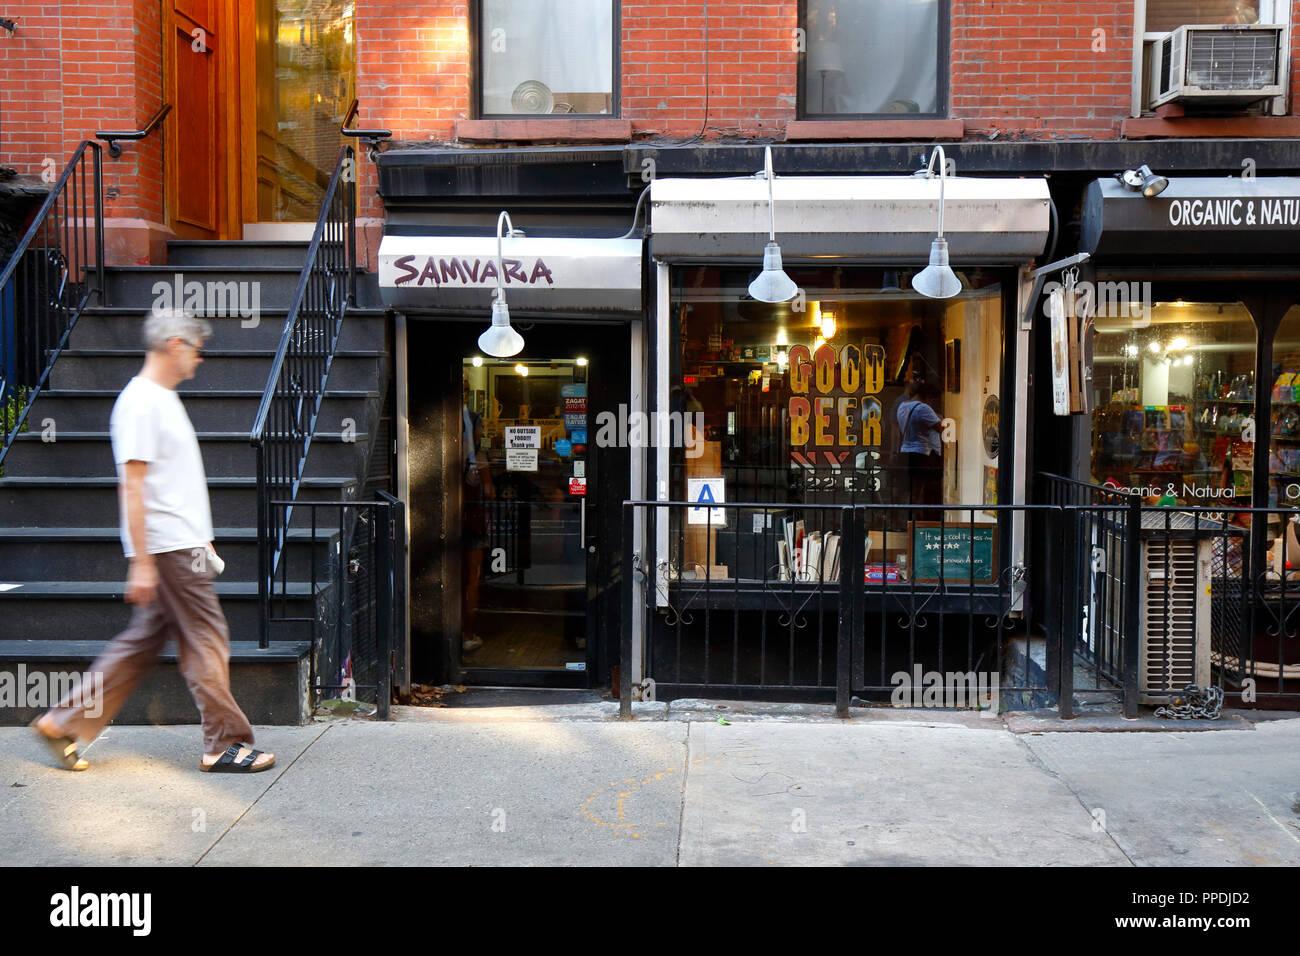 Buena Cerveza, 422 E 9th St, New York, NY. exterior del escaparate de una tienda de cerveza artesanal en el East Village barrio de Manhattan. Foto de stock